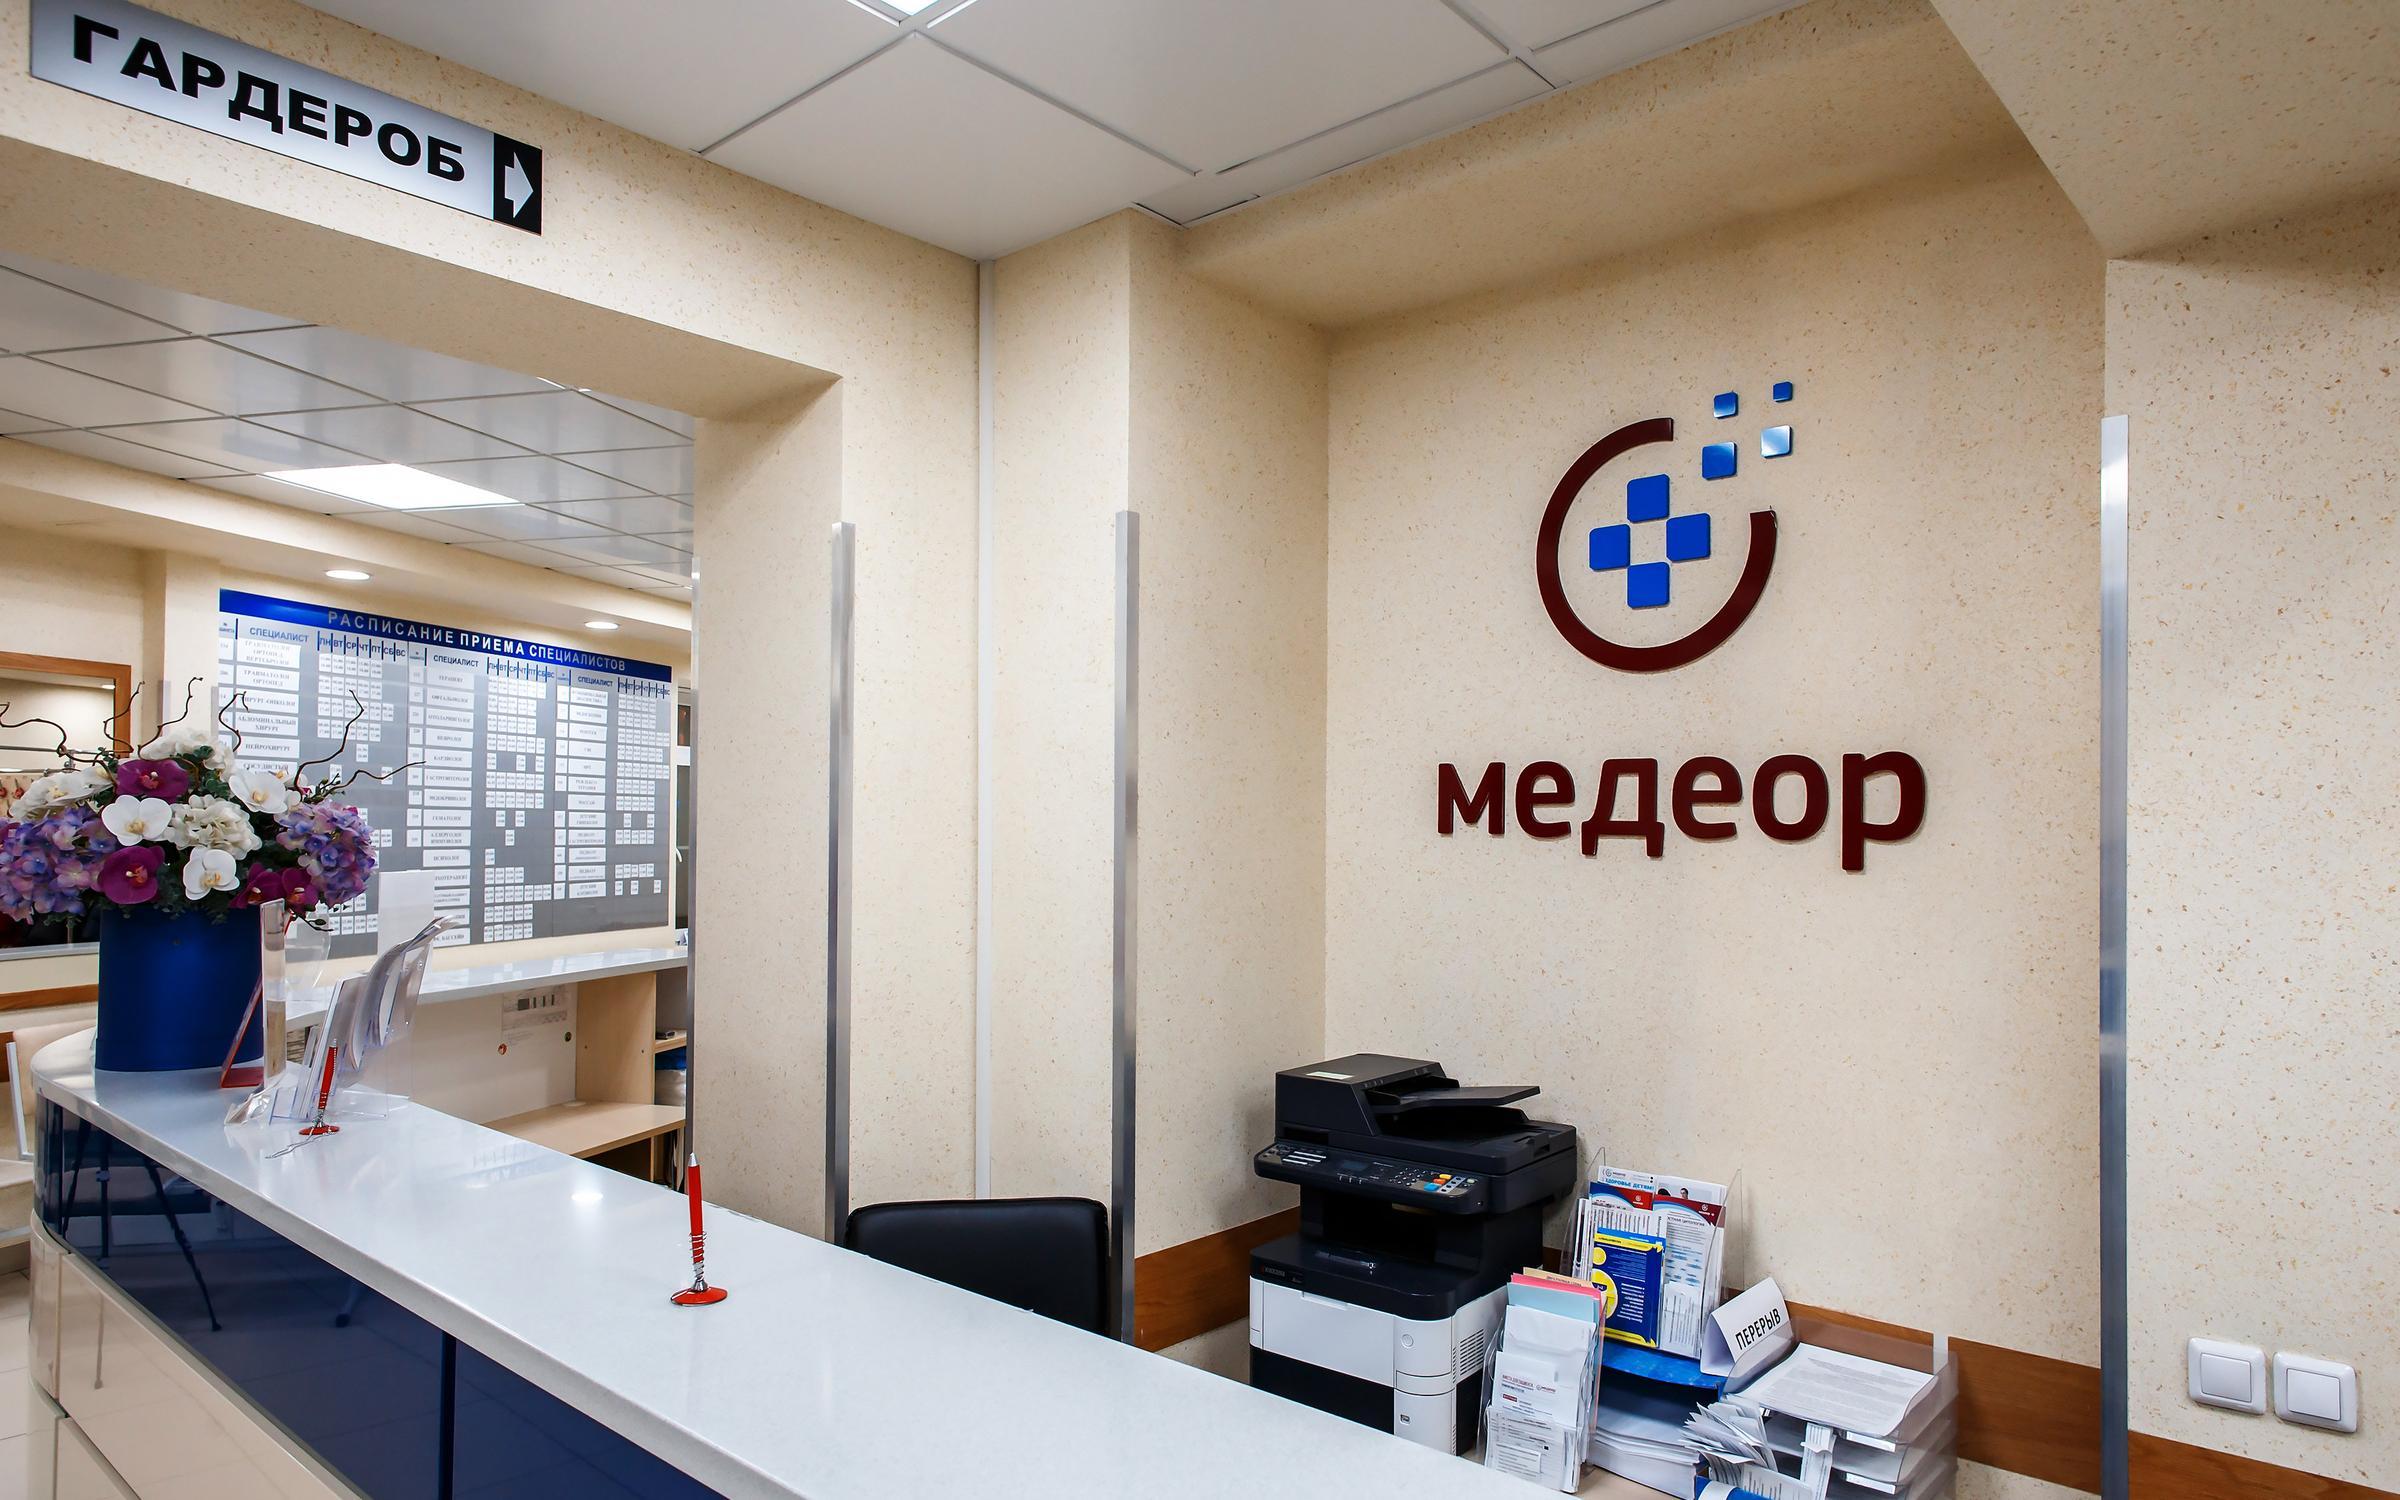 фотография Медицинского центра Медеор в Тракторозаводском районе